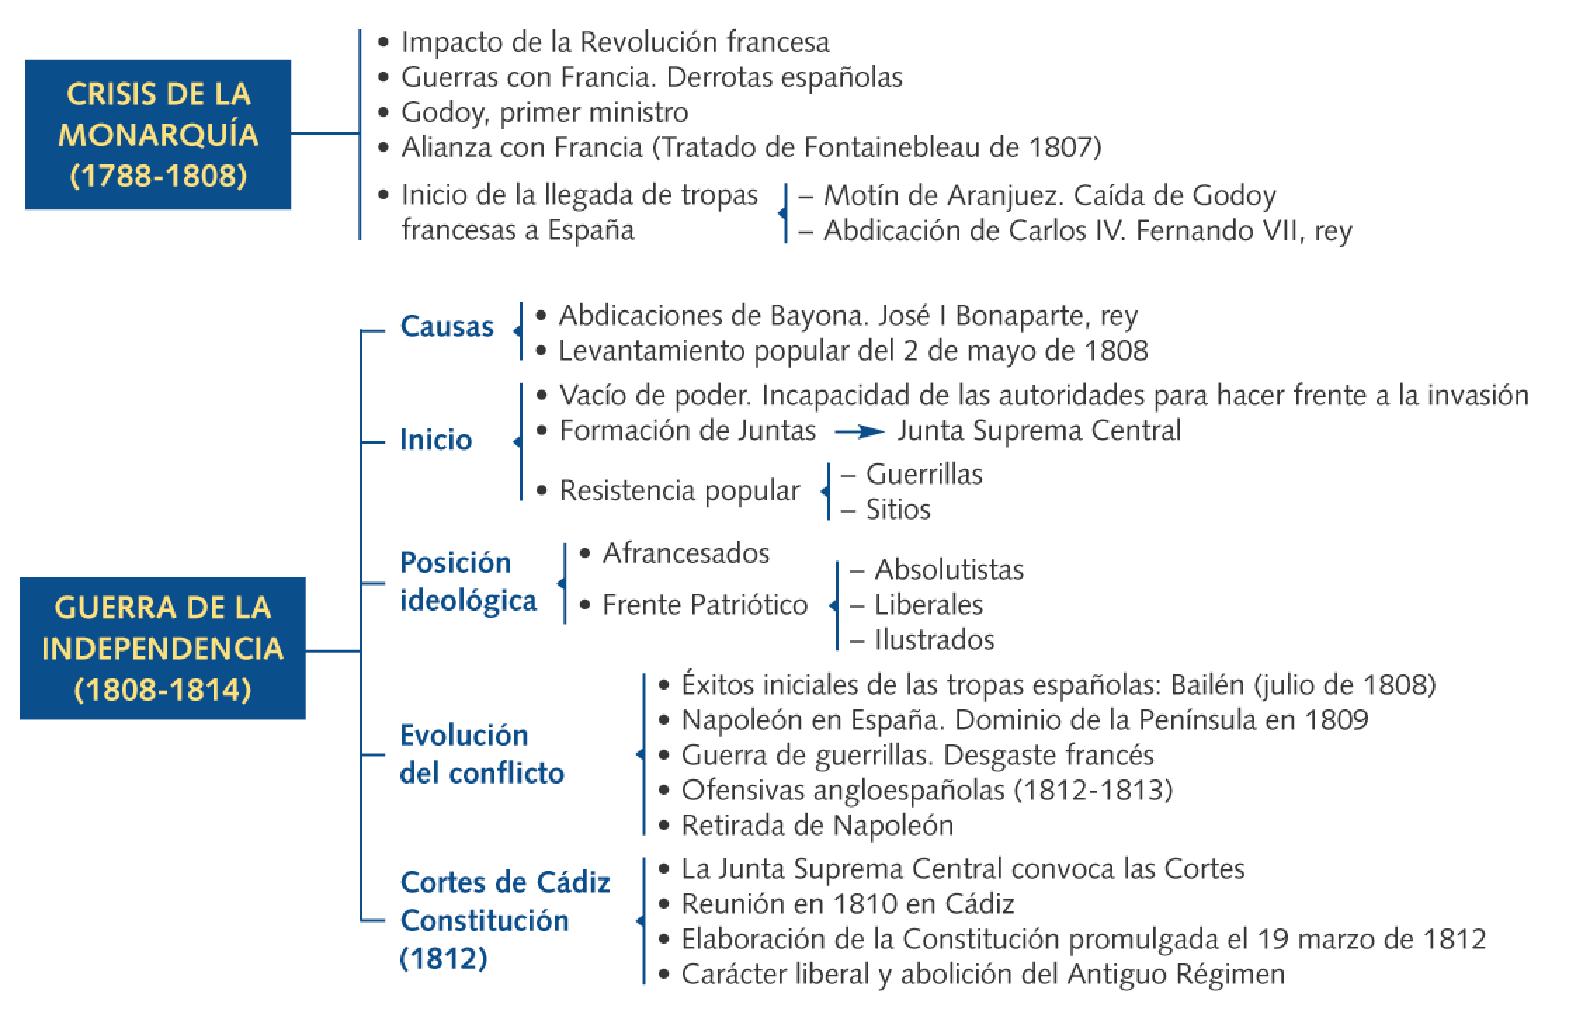 Hie2016: BLOQUE 5. LA CRISIS DEL ANTIGUO RÉGIMEN (1788